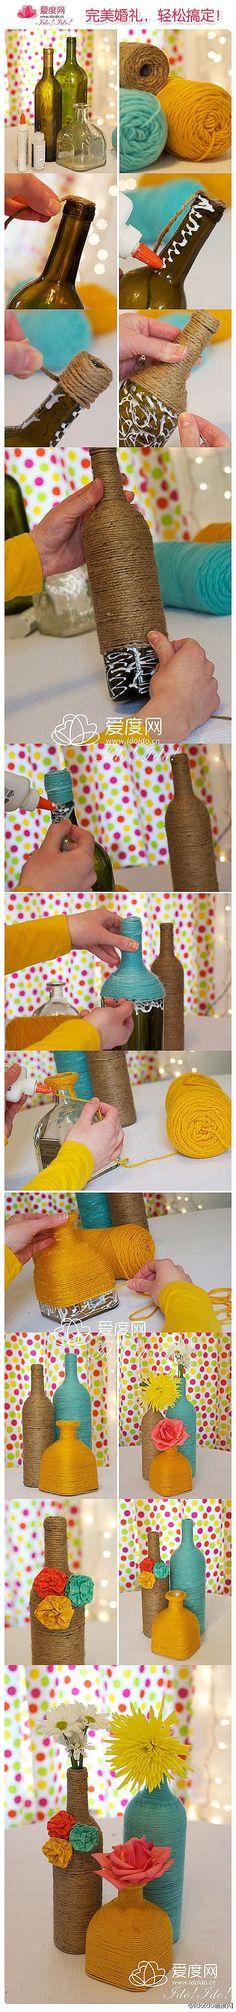 DIY Yarn Bottle Vase